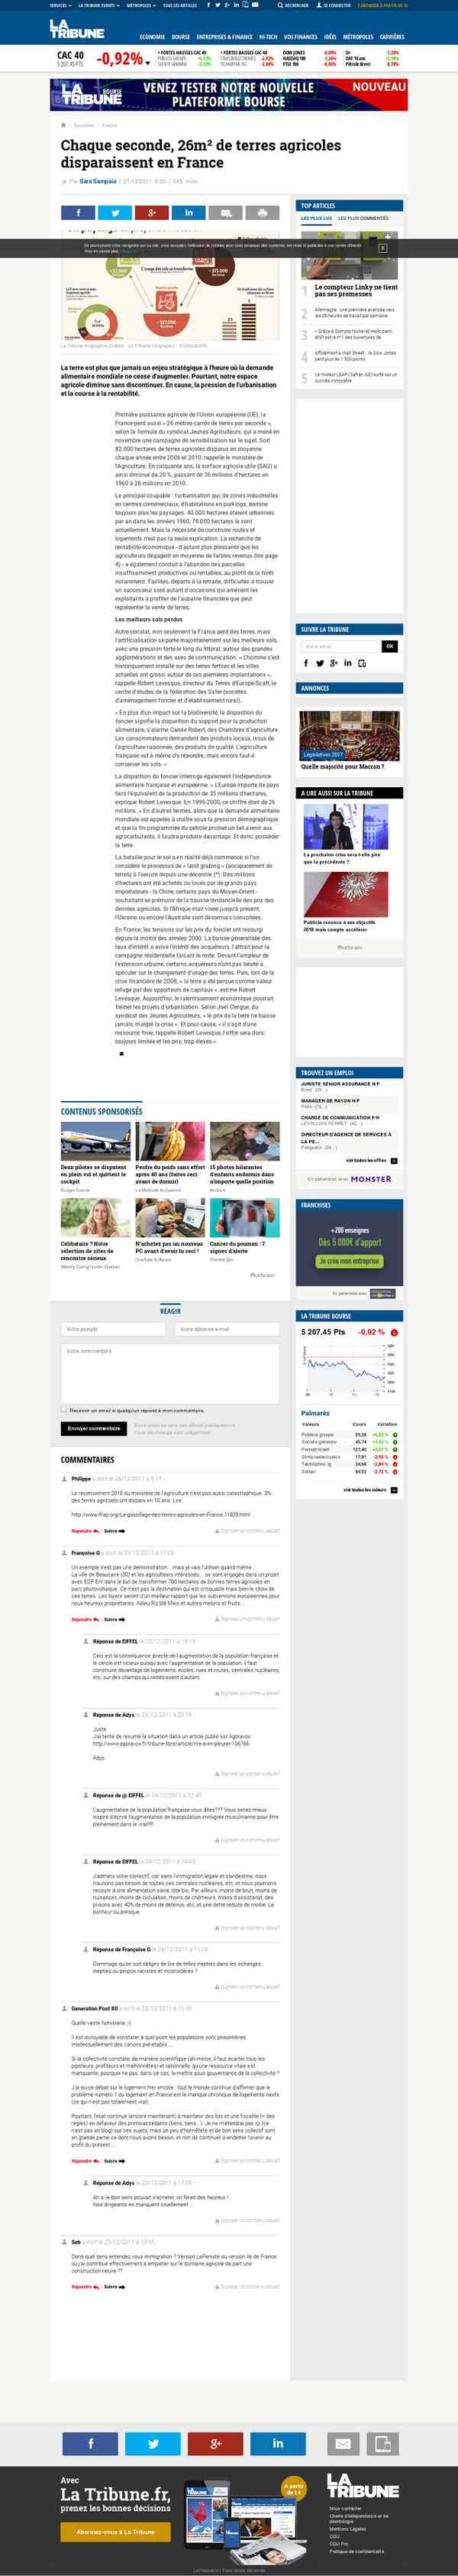 latribune.fr/actualites/economie/france/20111221trib000672707/chaque-seconde-26m-de-terres-agricole…